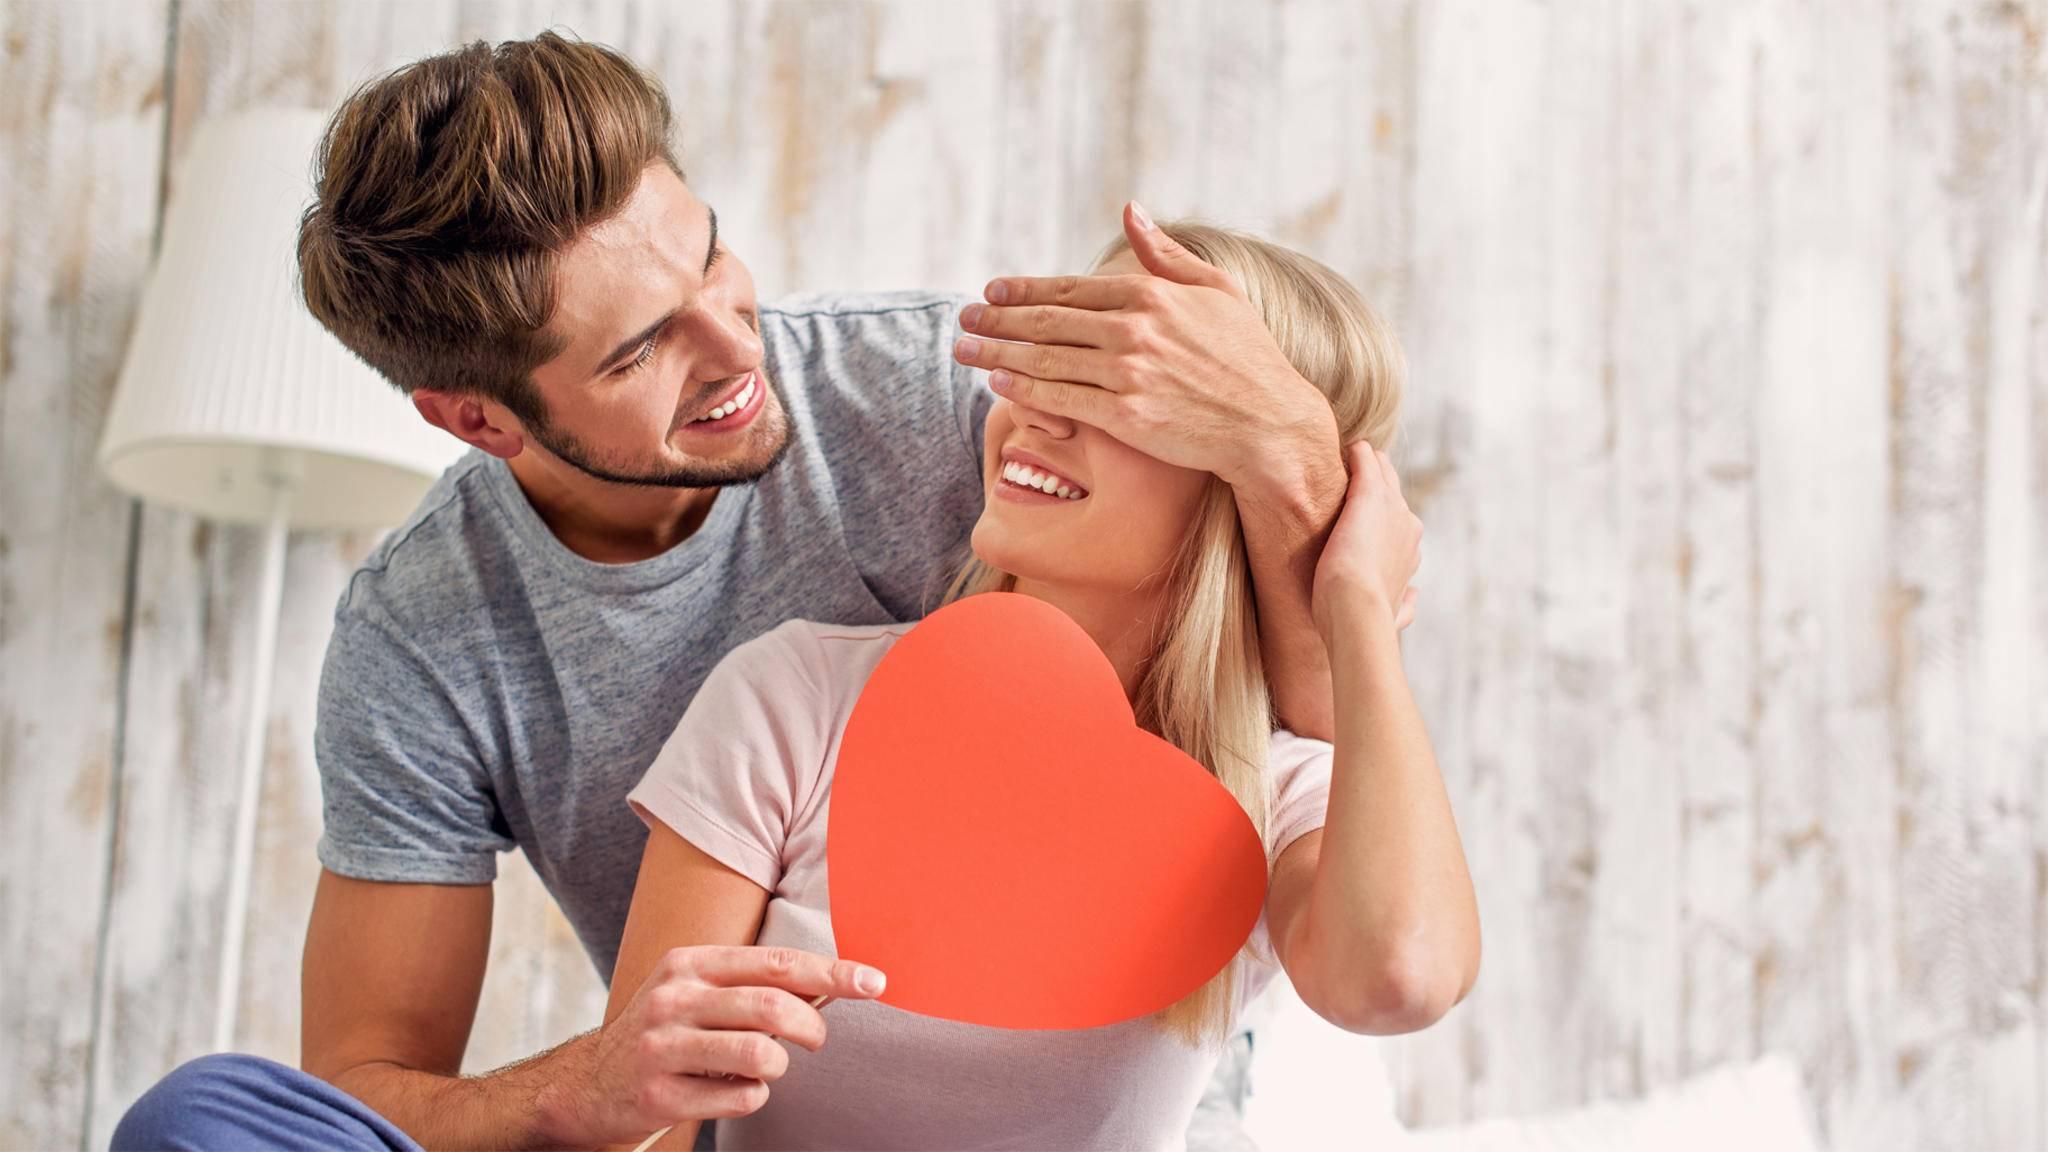 Valentinstags Geschenke Selber Machen 8 Romantische Diy Ideen